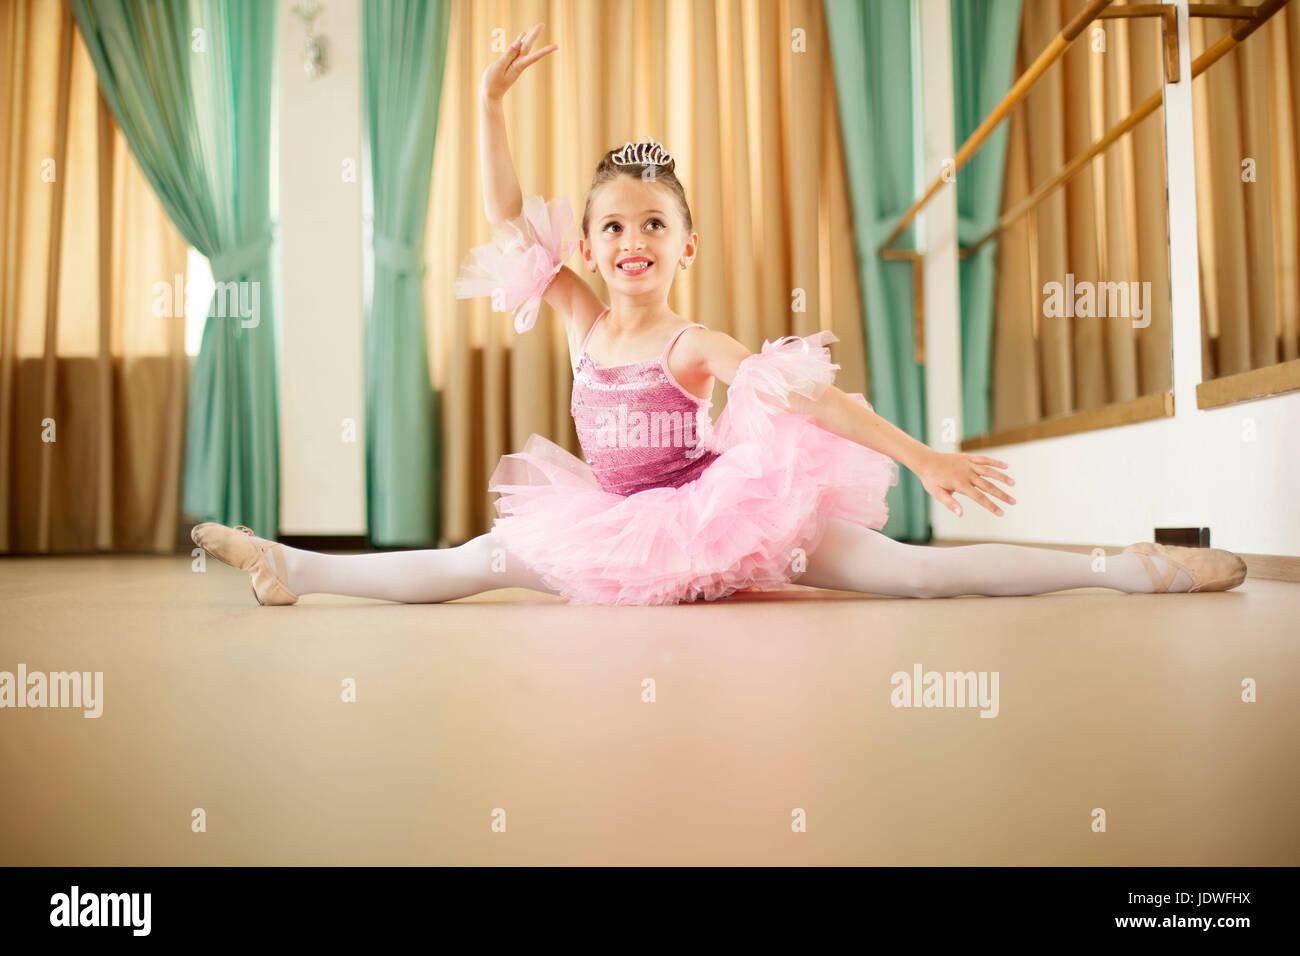 Cours de danse classique Photo Stock